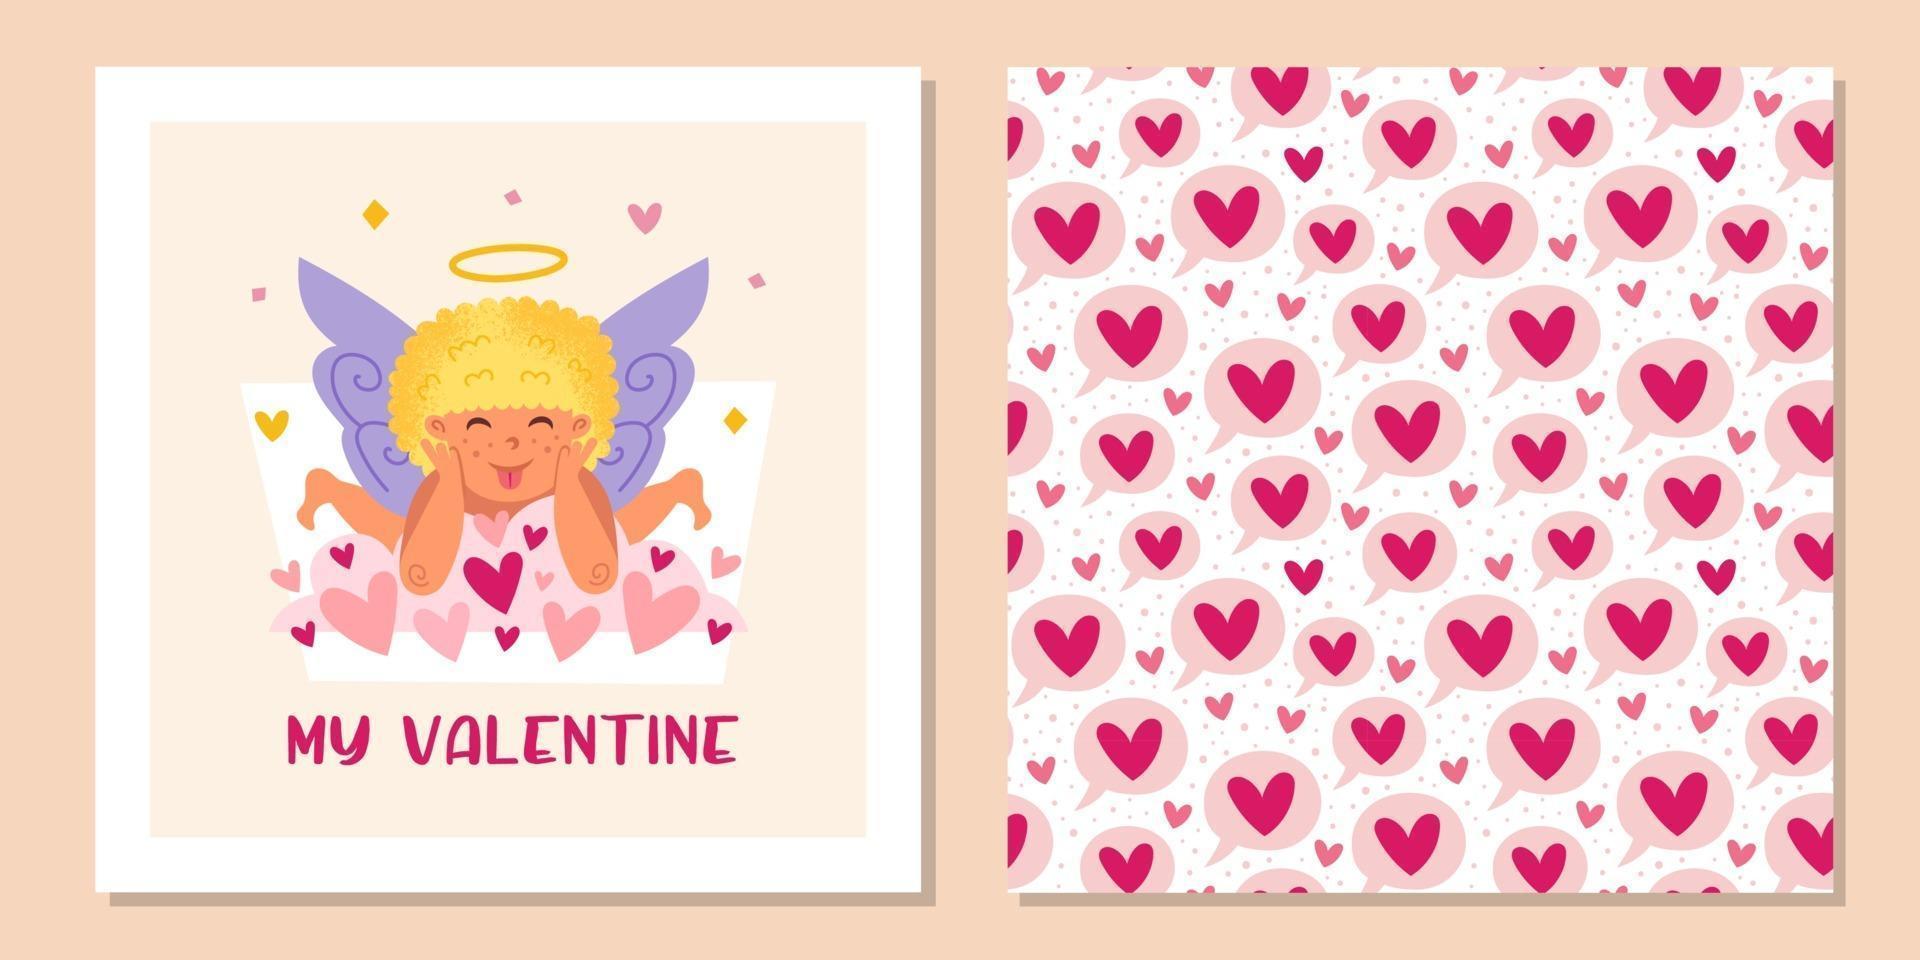 rolig amor med gloria och hjärtan. ängel, keruber, barn, pojke. St Alla hjärtans dag sömlösa mönster, konsistens, bakgrund. gratulationskort formgivningsmall. vektor